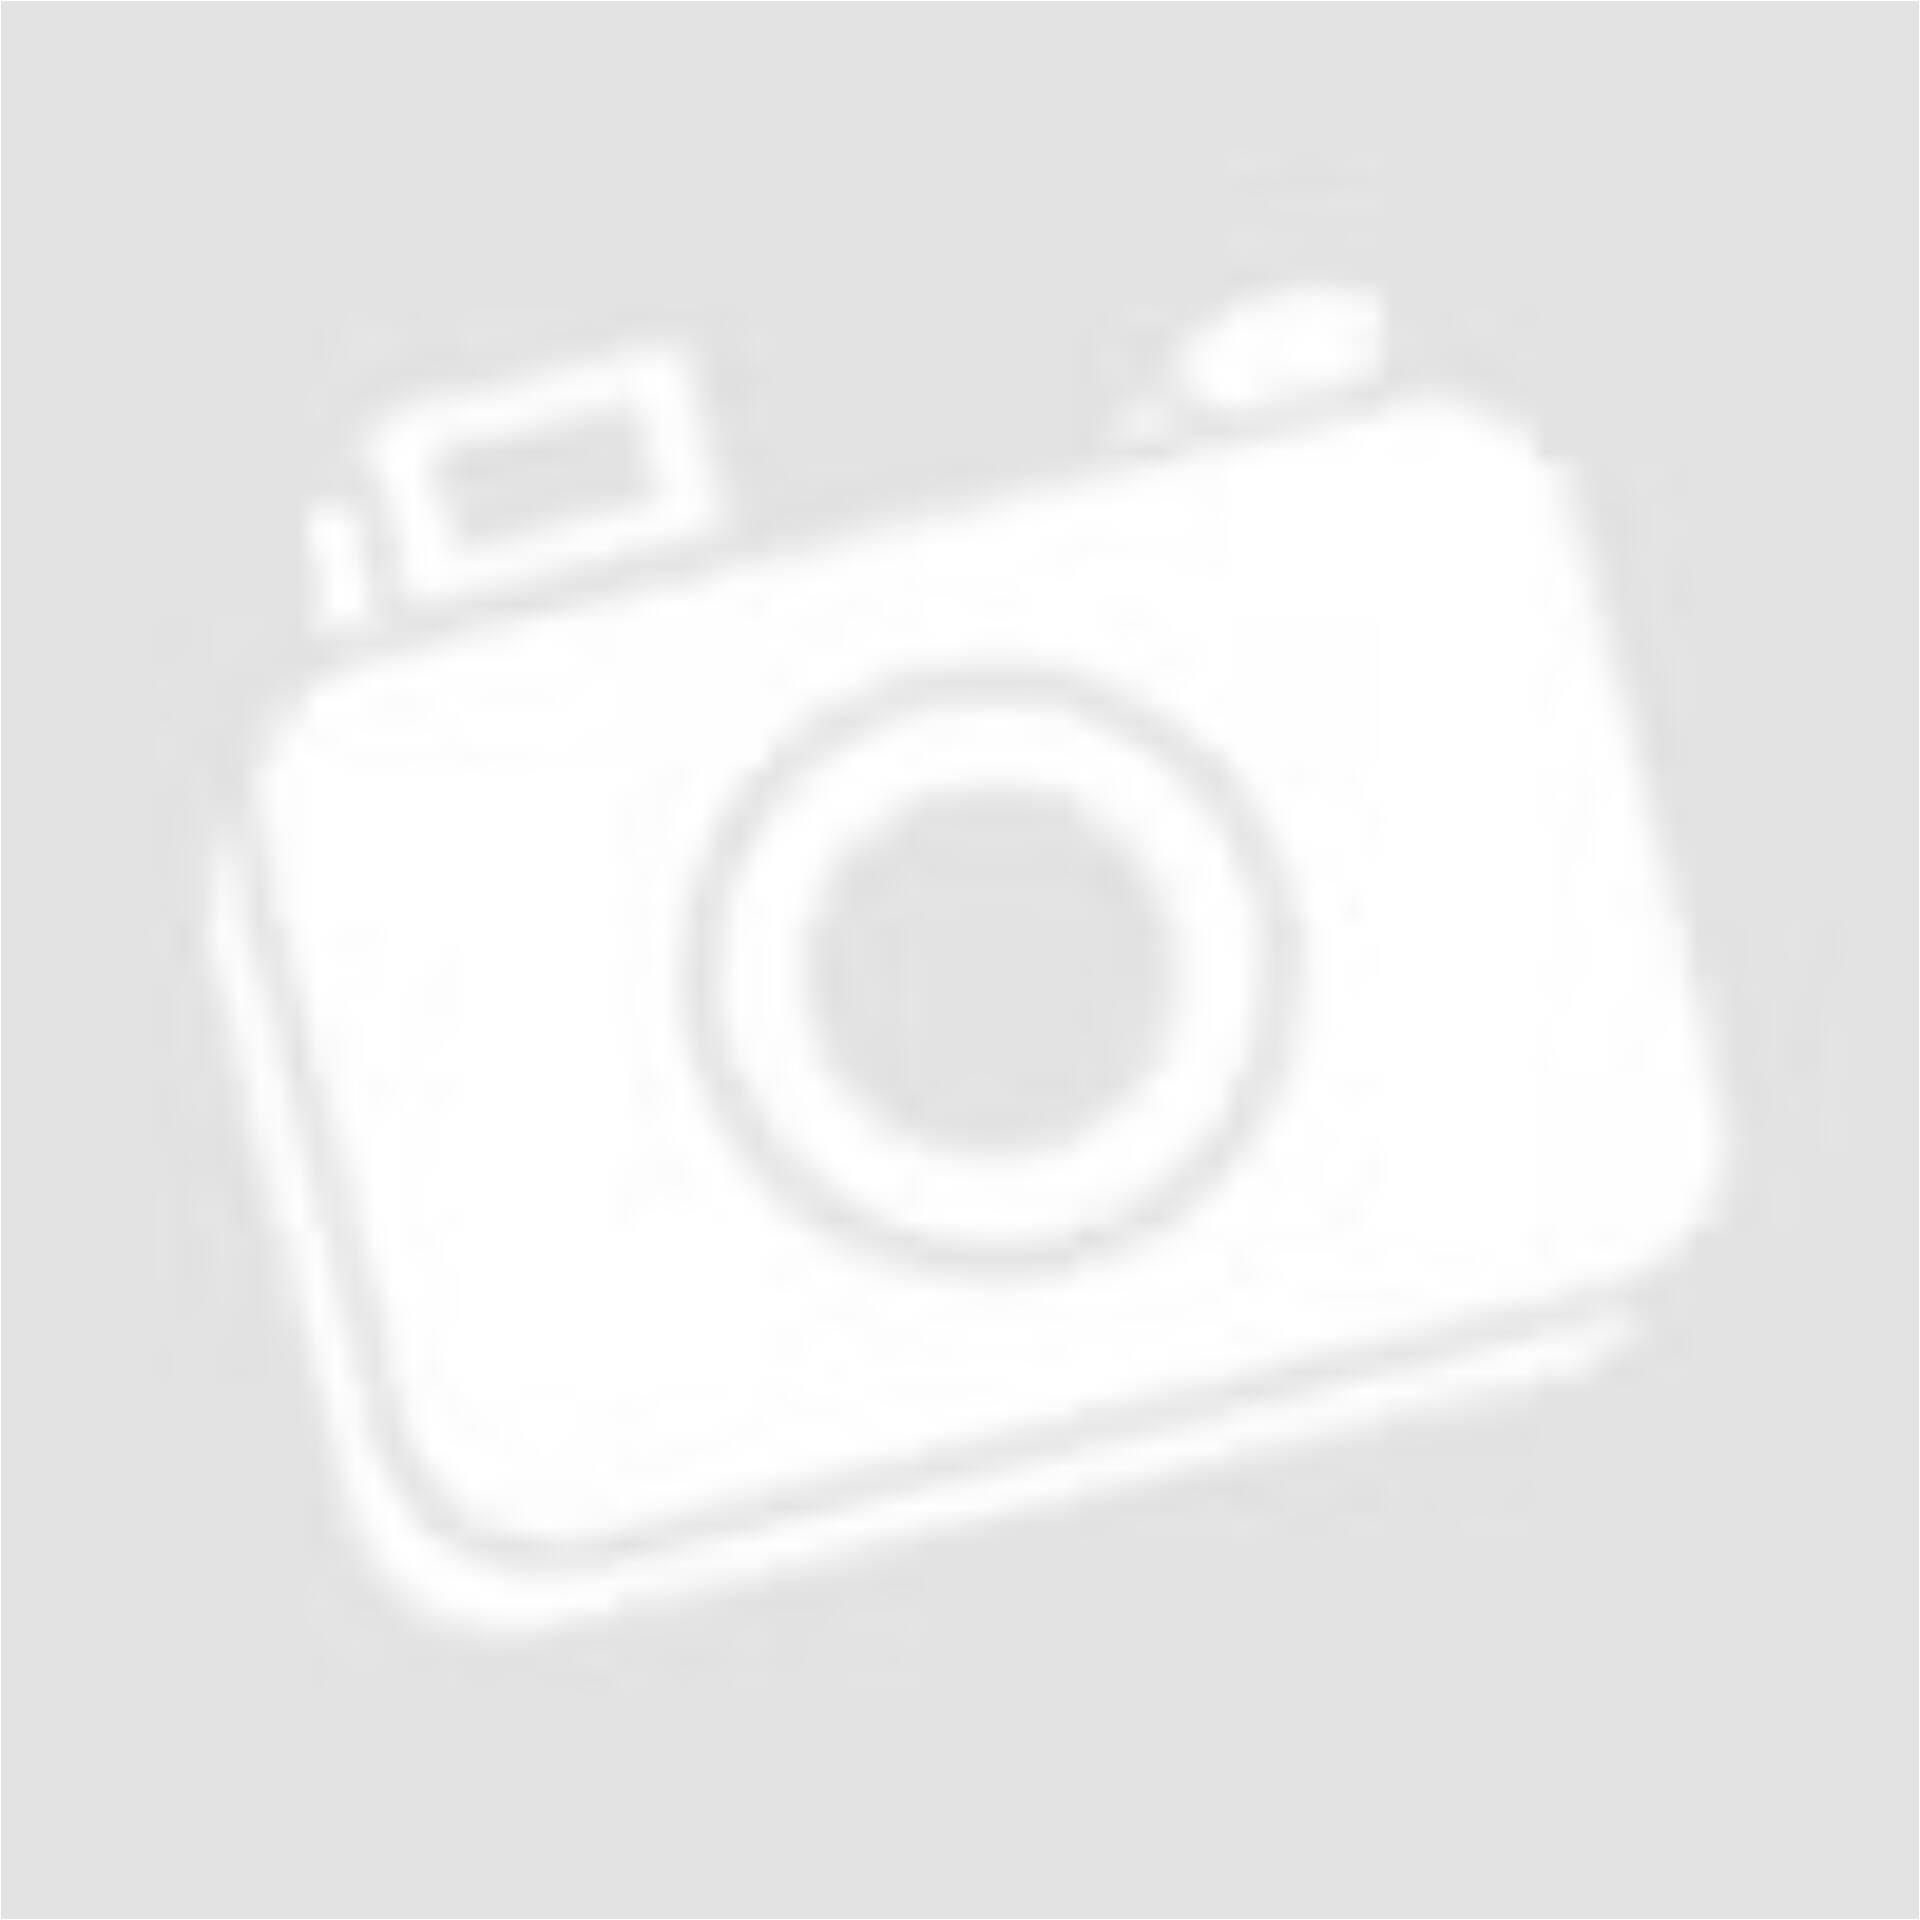 d615214105 CRANE kék színű szabadidő felső (Méret: XL) - Sportruházat - Öltözz ...